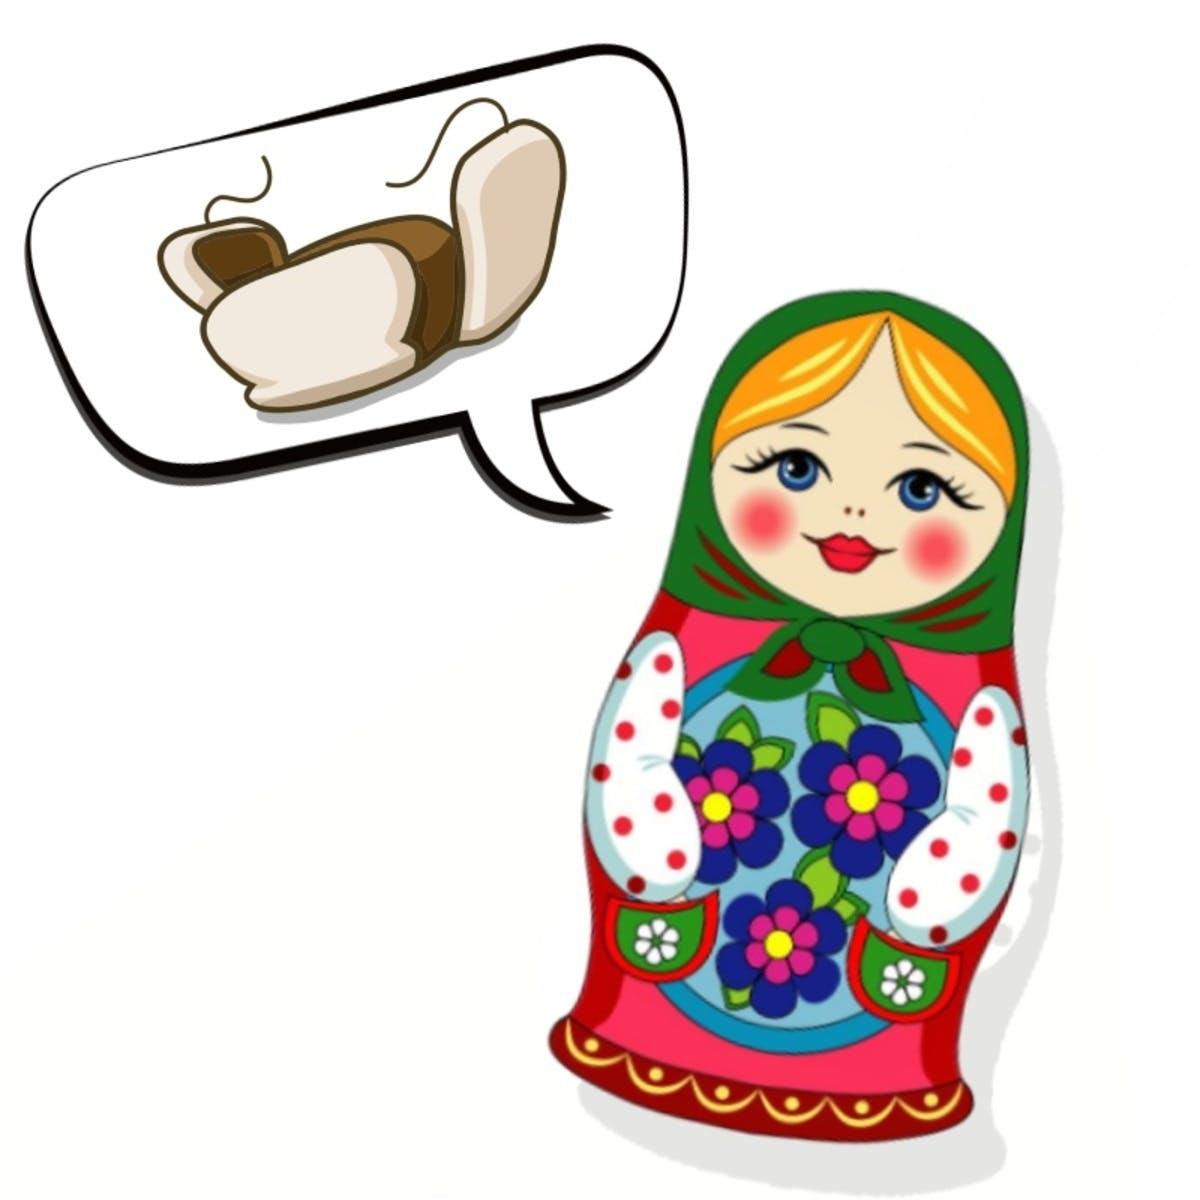 Я говорю по-русски/ I speak Russian